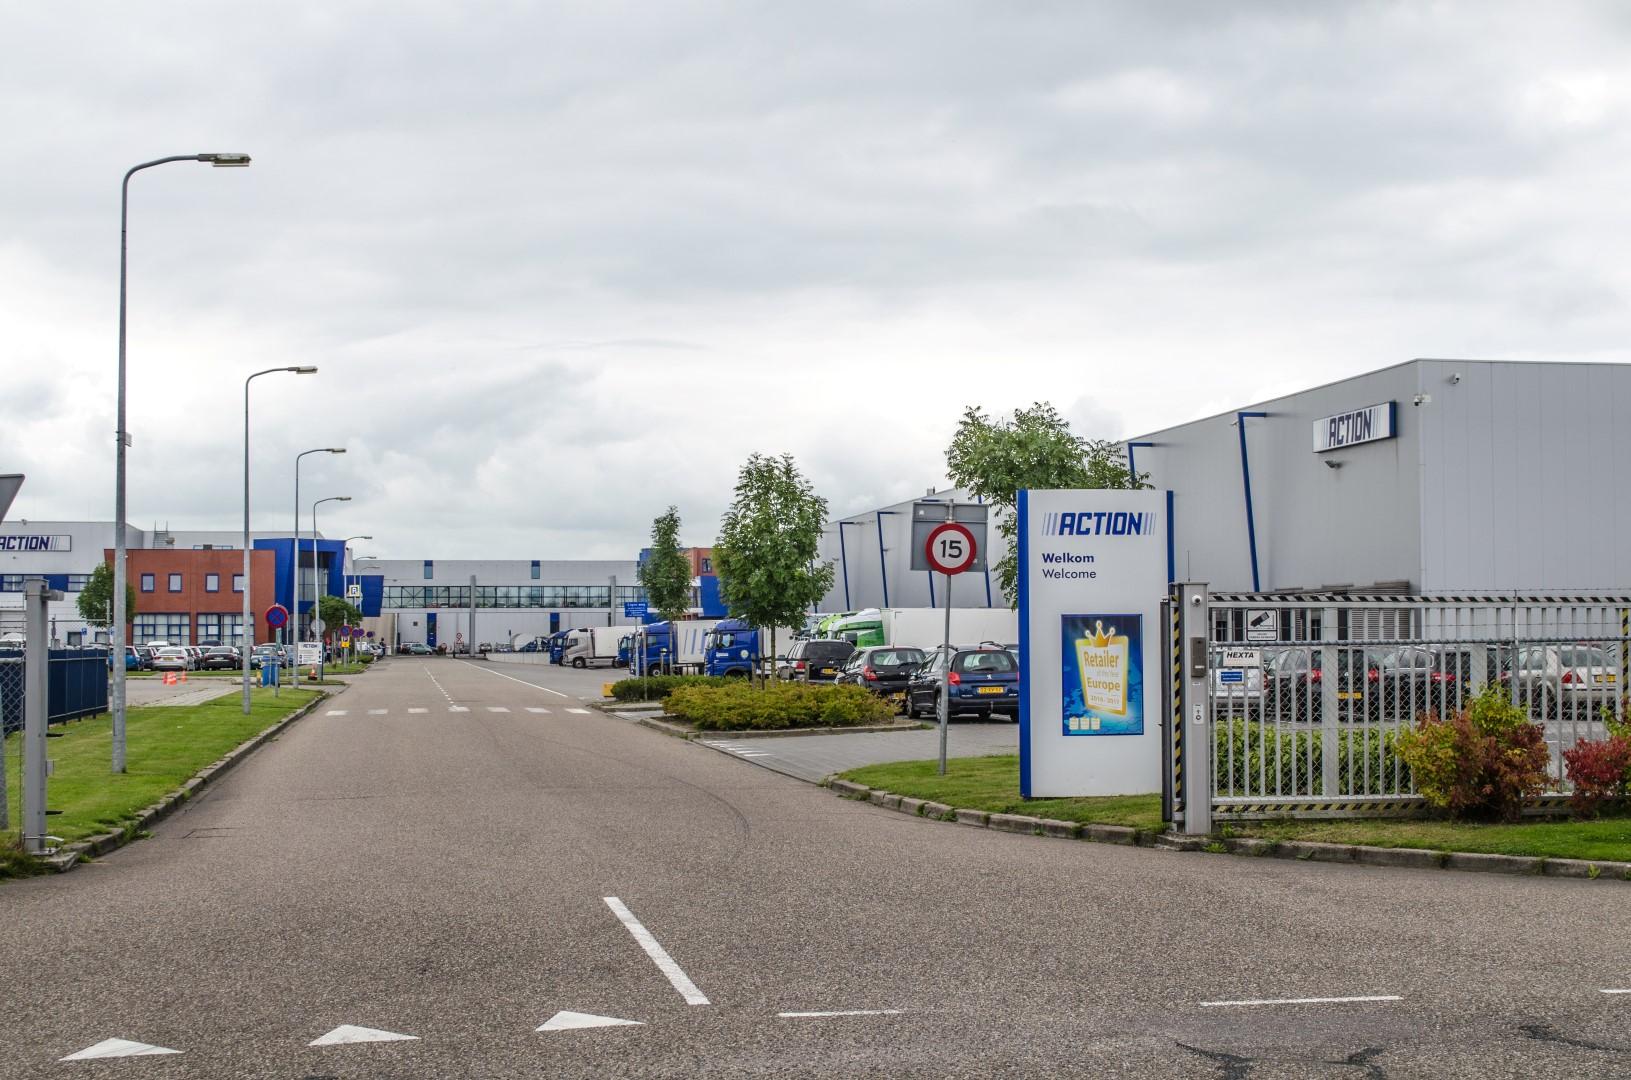 Action voor vierde keer 'Beste Winkelketen van Nederland'